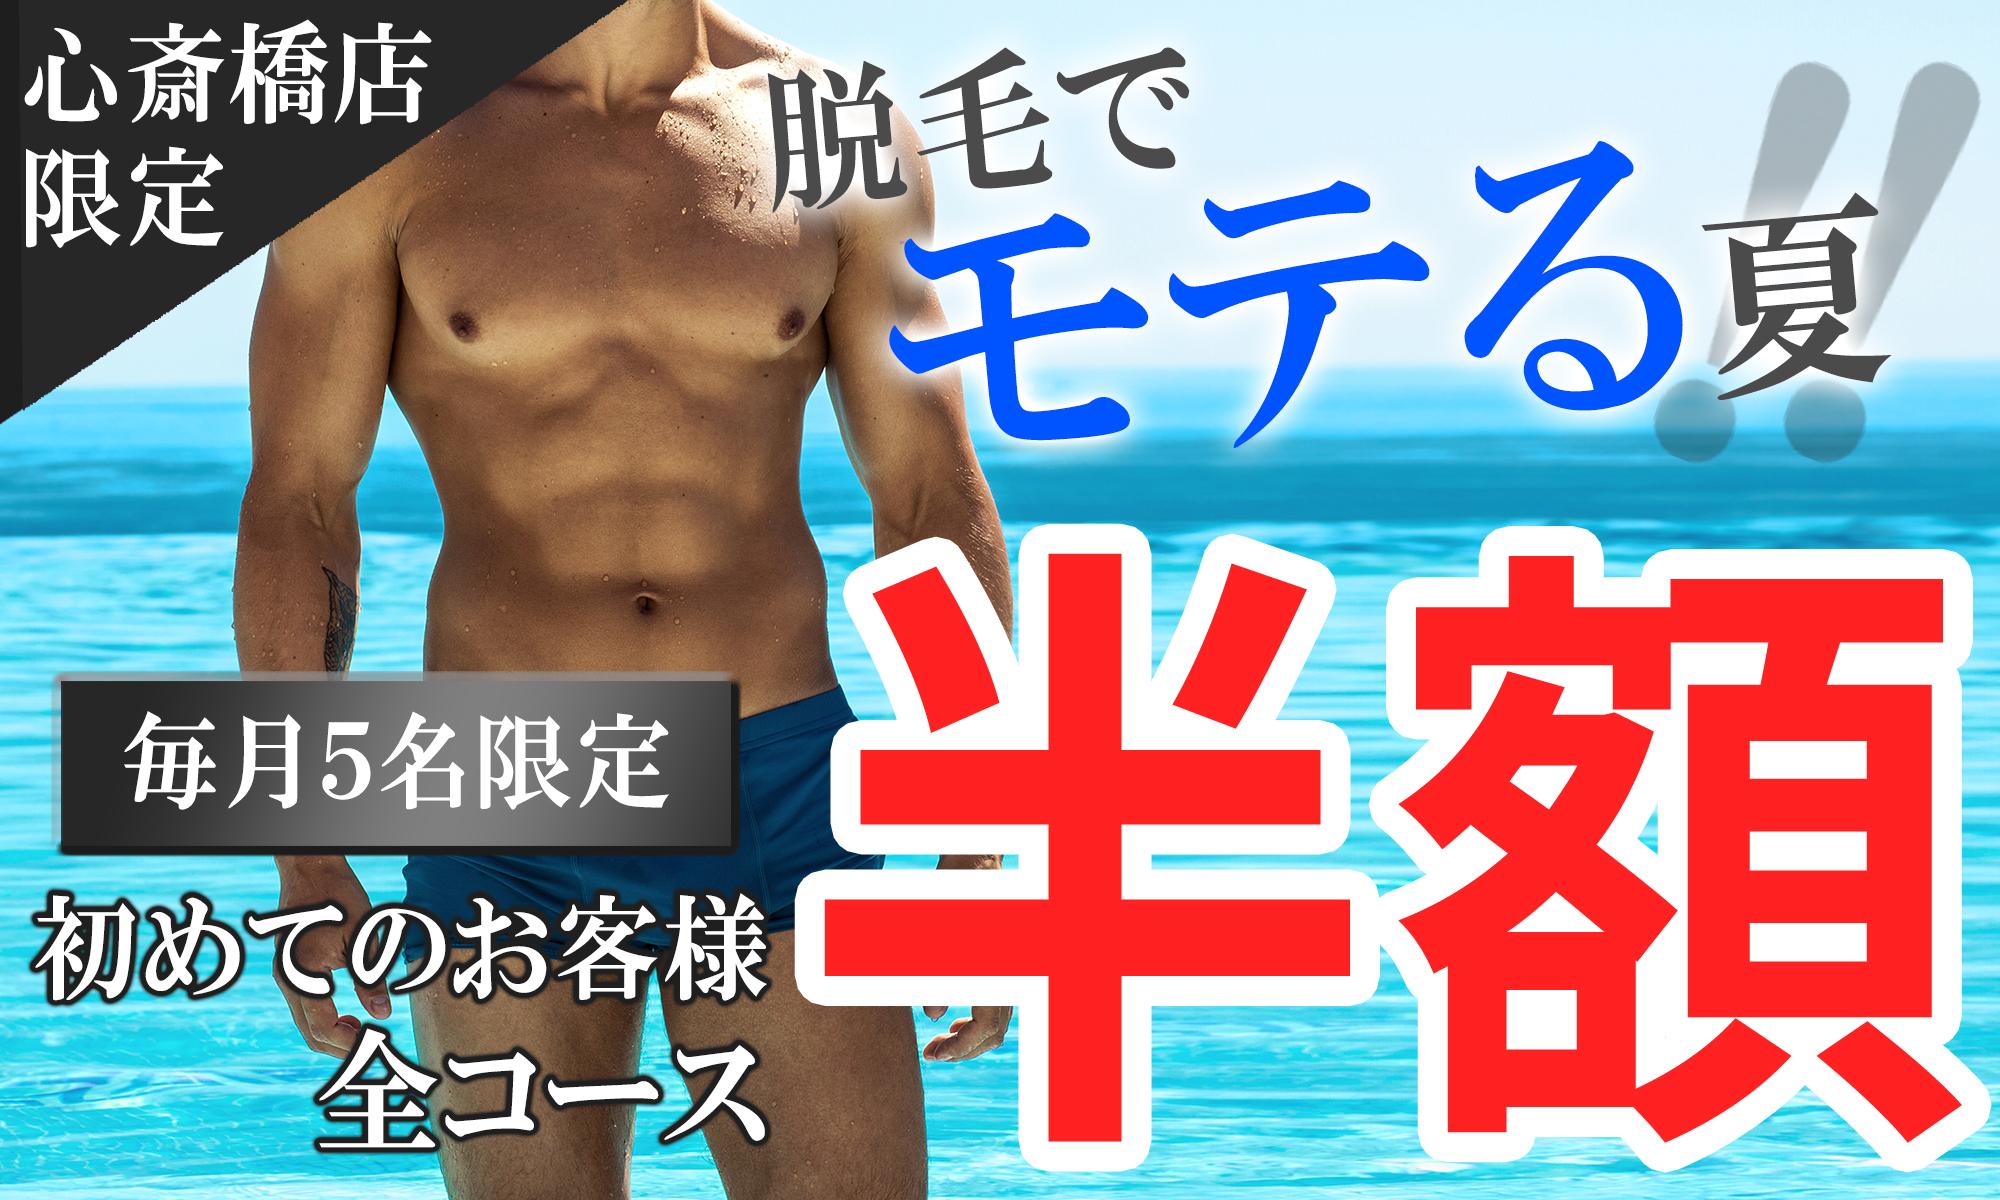 メンズ脱毛フィーゴ大阪心斎橋店初回全コース半額キャンペーン